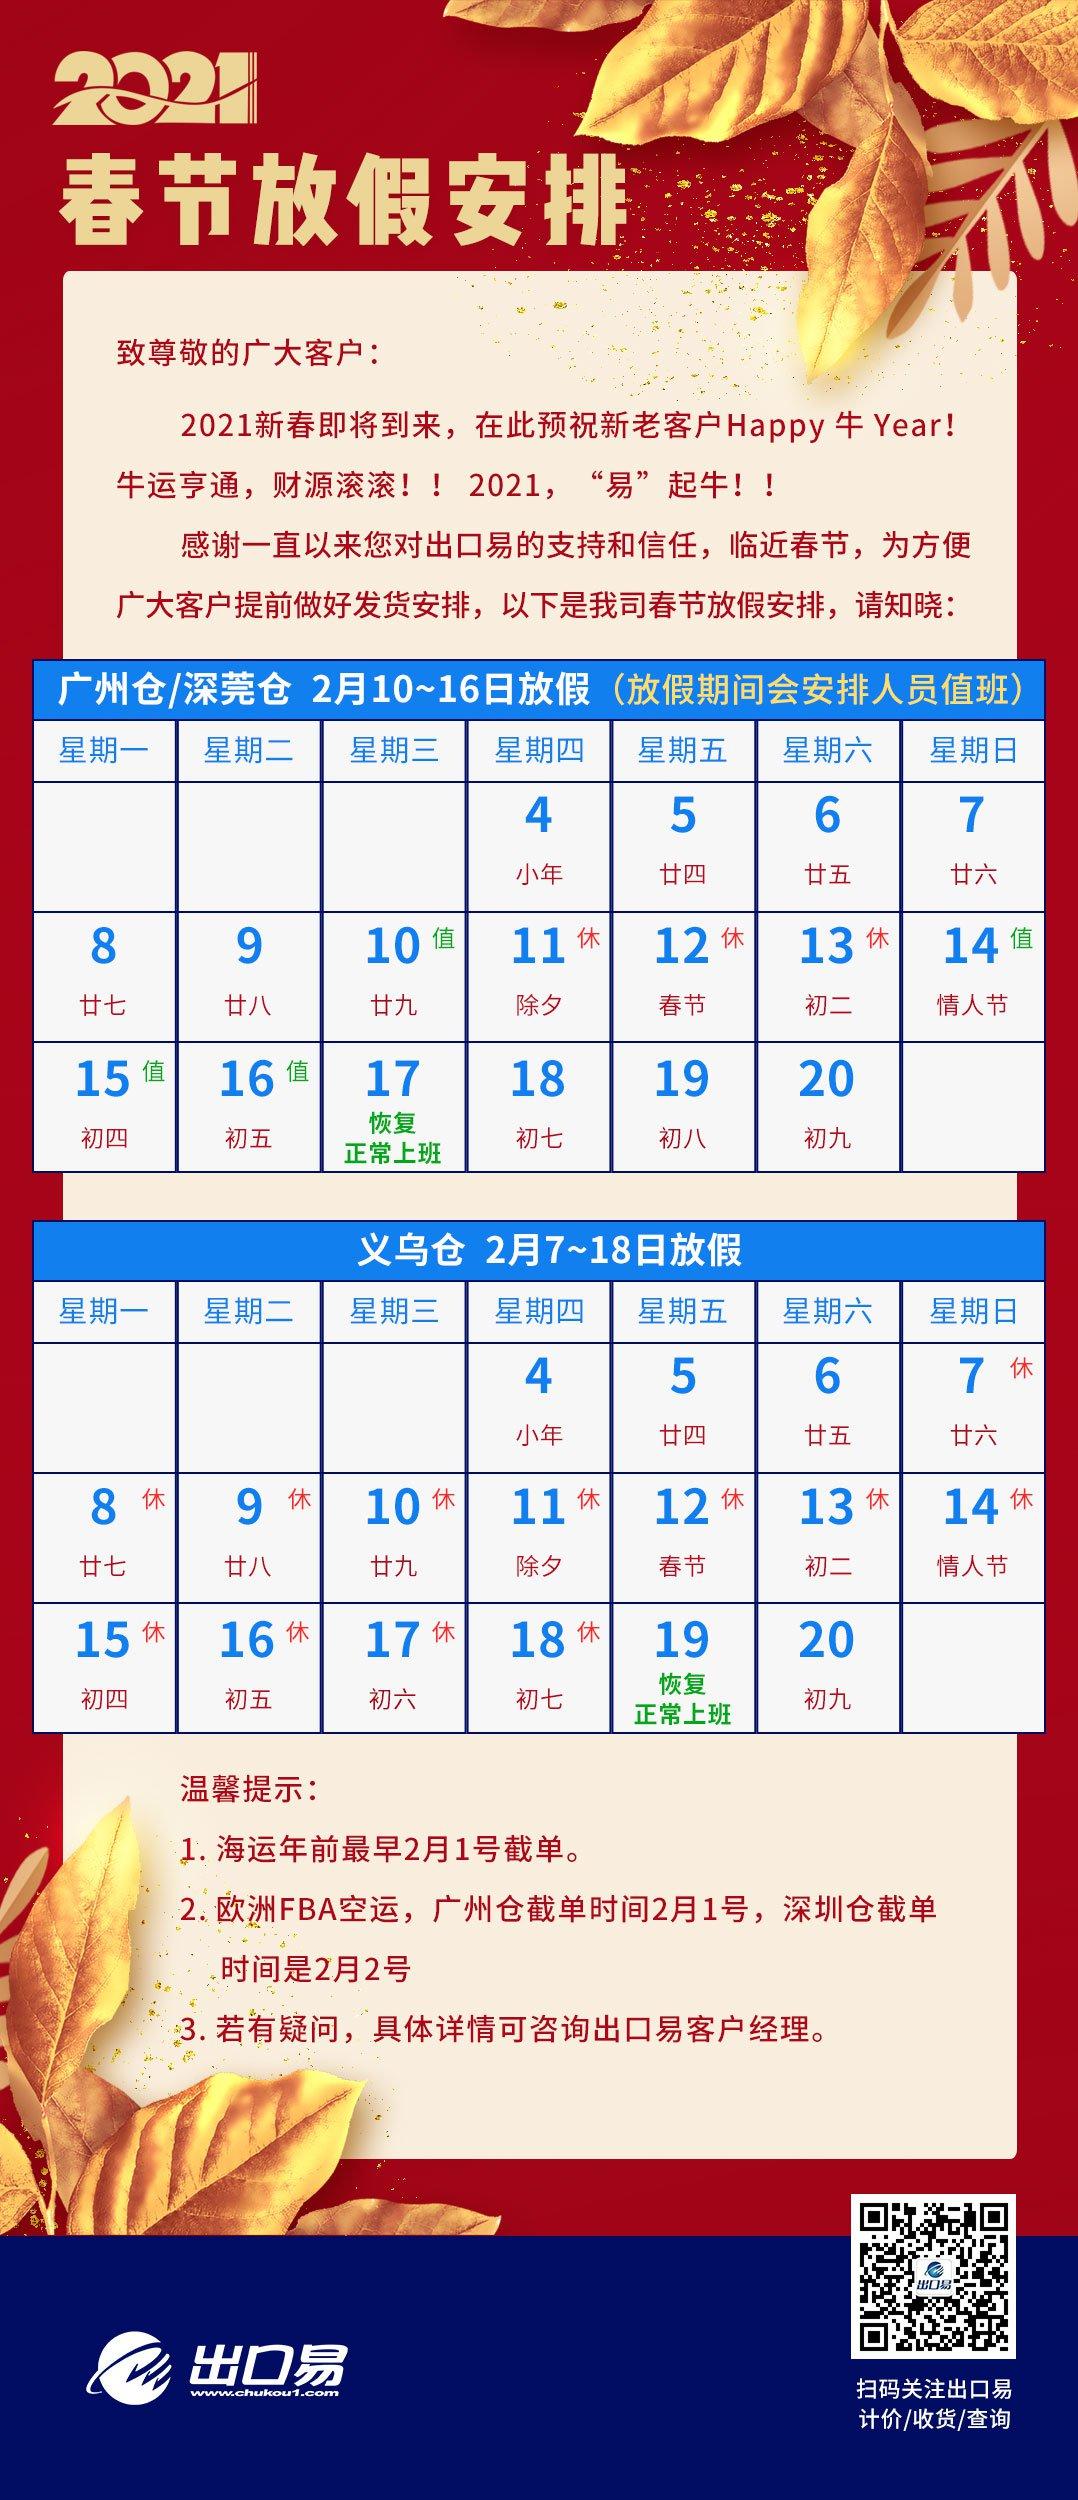 2021春节放假.jpg